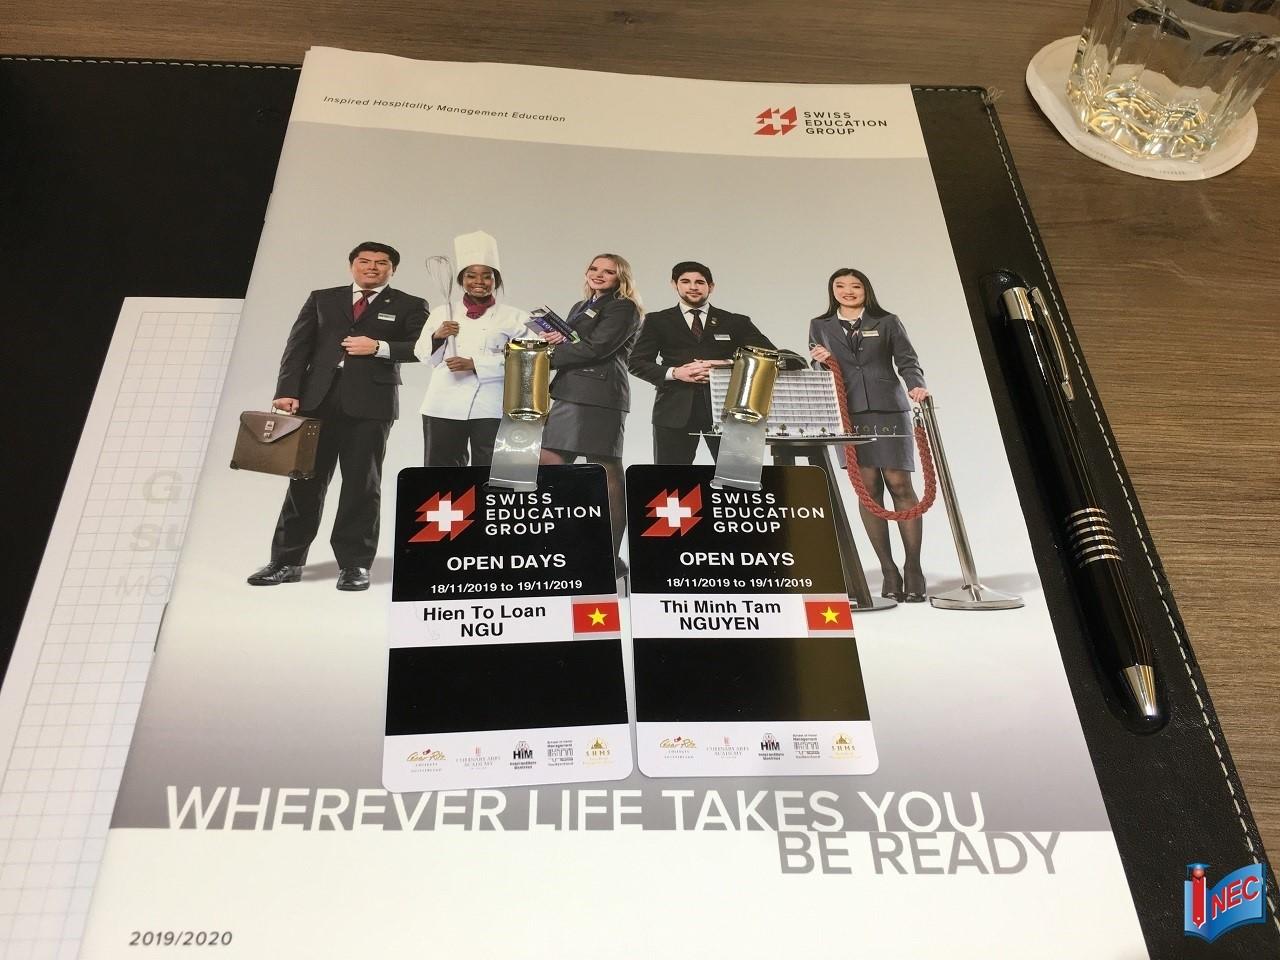 Bạn đã sẵn sàng khám phá các trường hospitality hàng đầu Thụy Sĩ cũng chúng tôi chưa?